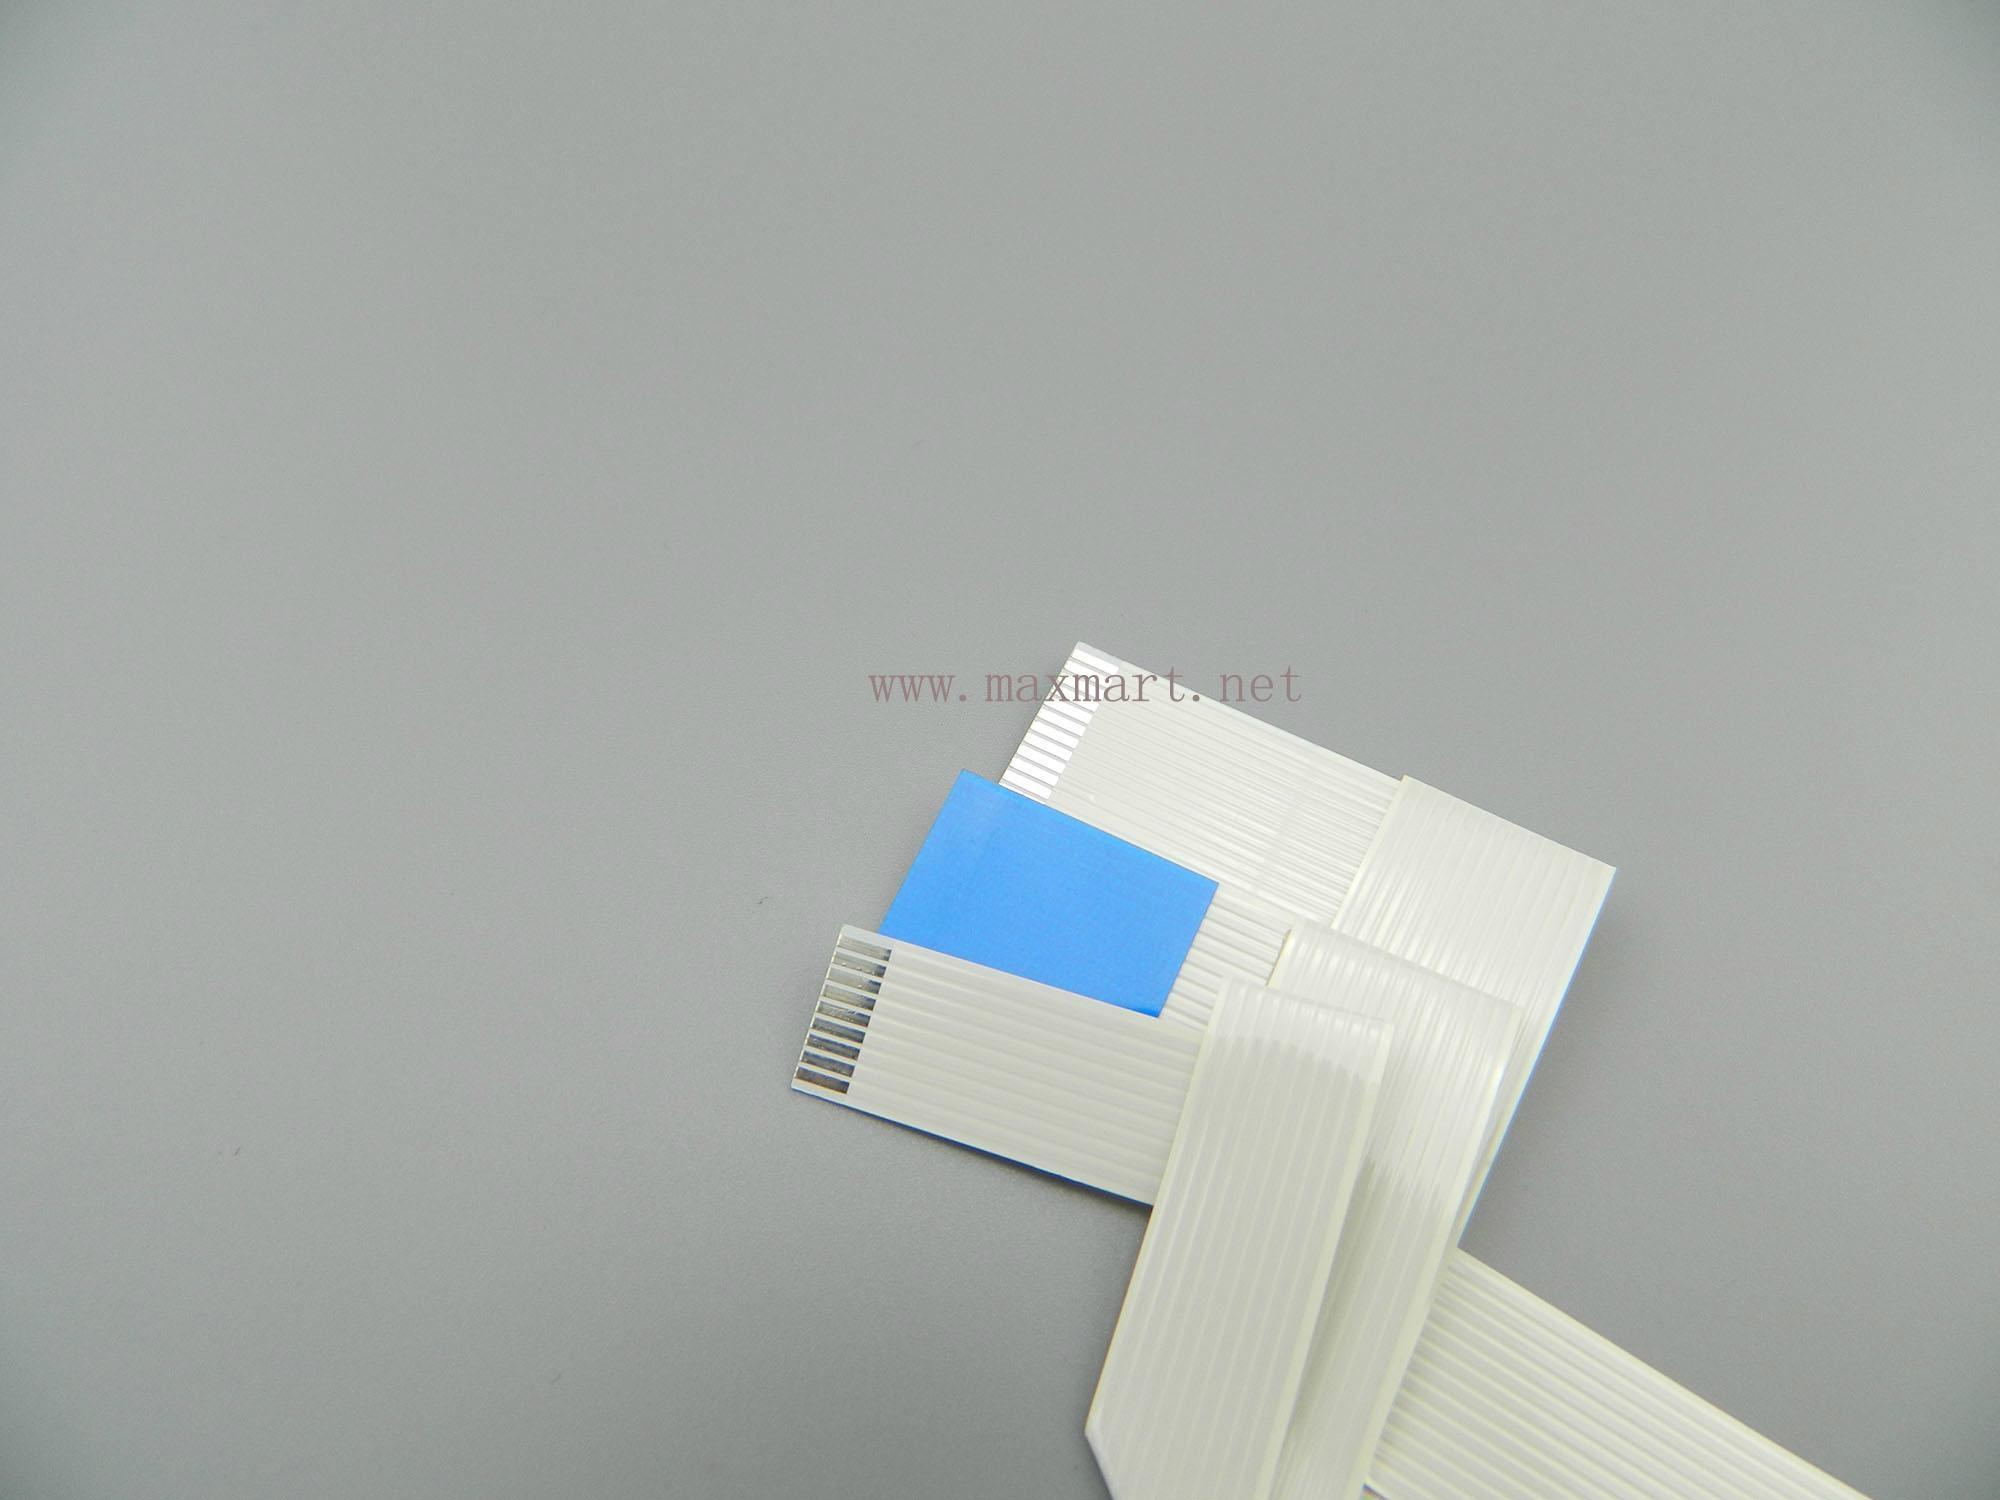 Head FFC cabel for Epson Stylus Photo 1390 1400 1410 1430 1500w 3